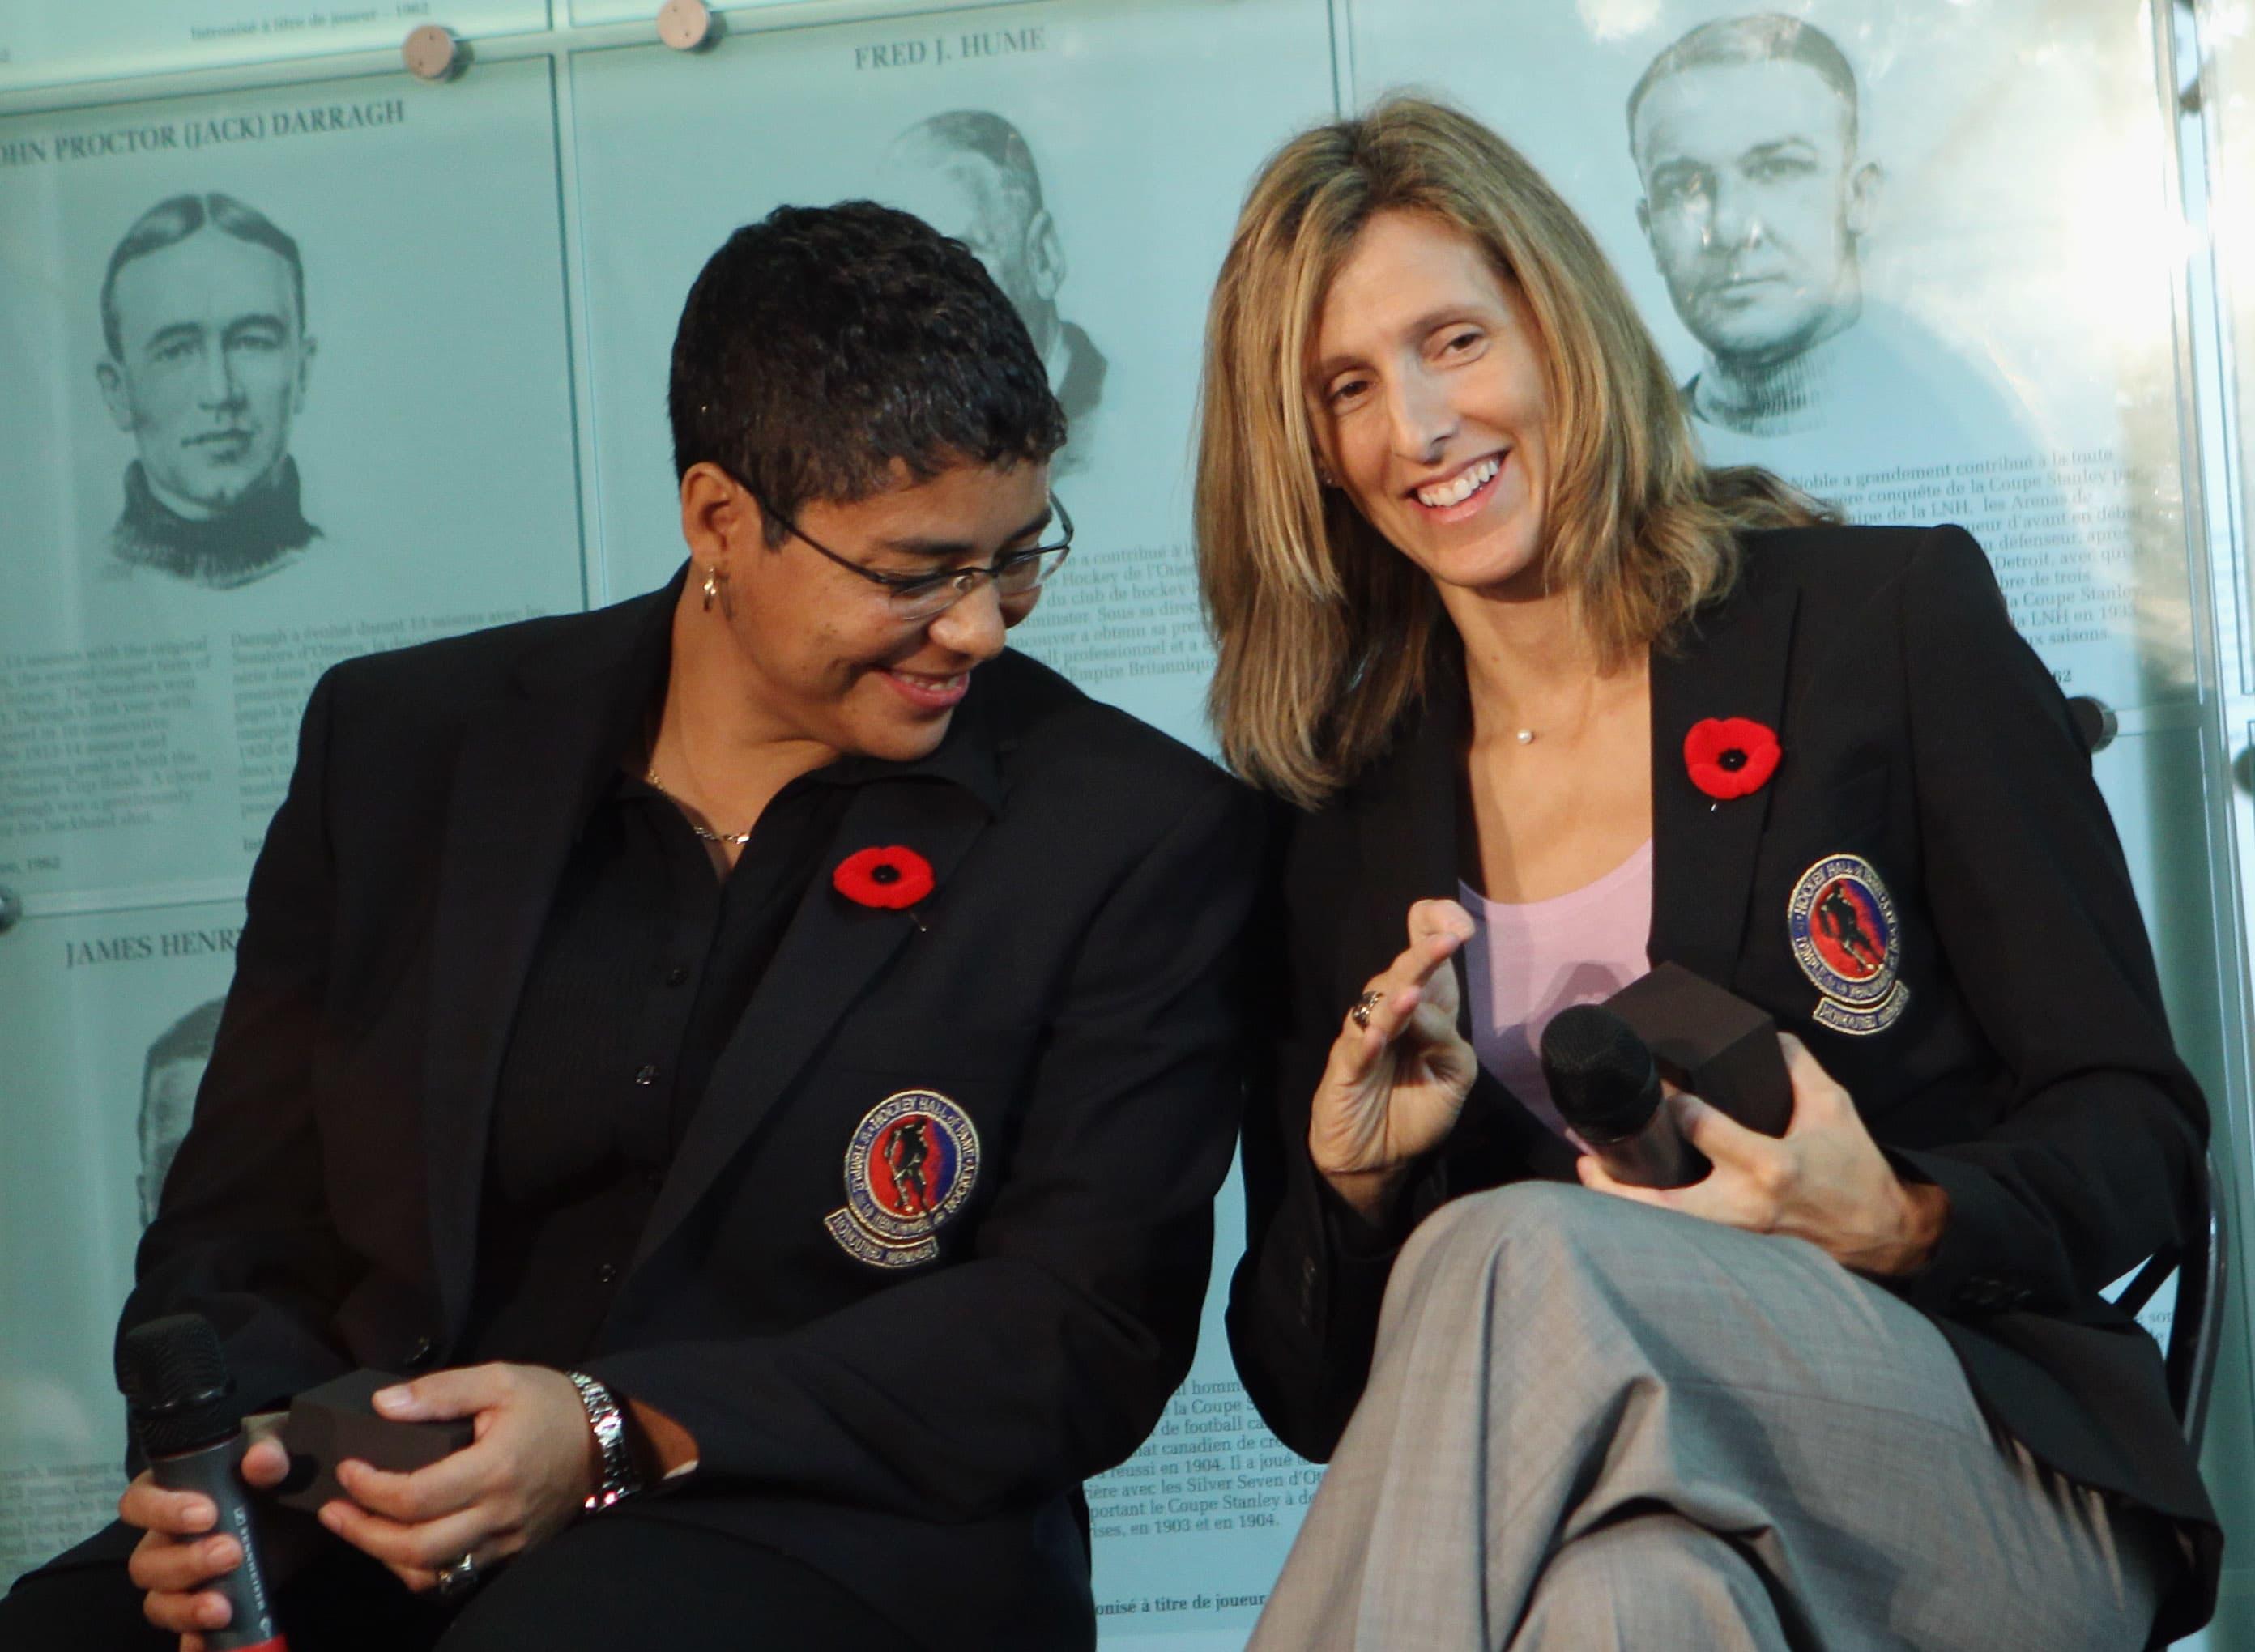 Angela James ja Cammi Granato valittiin Hockey Hall of Fameen marraskuussa 2010.